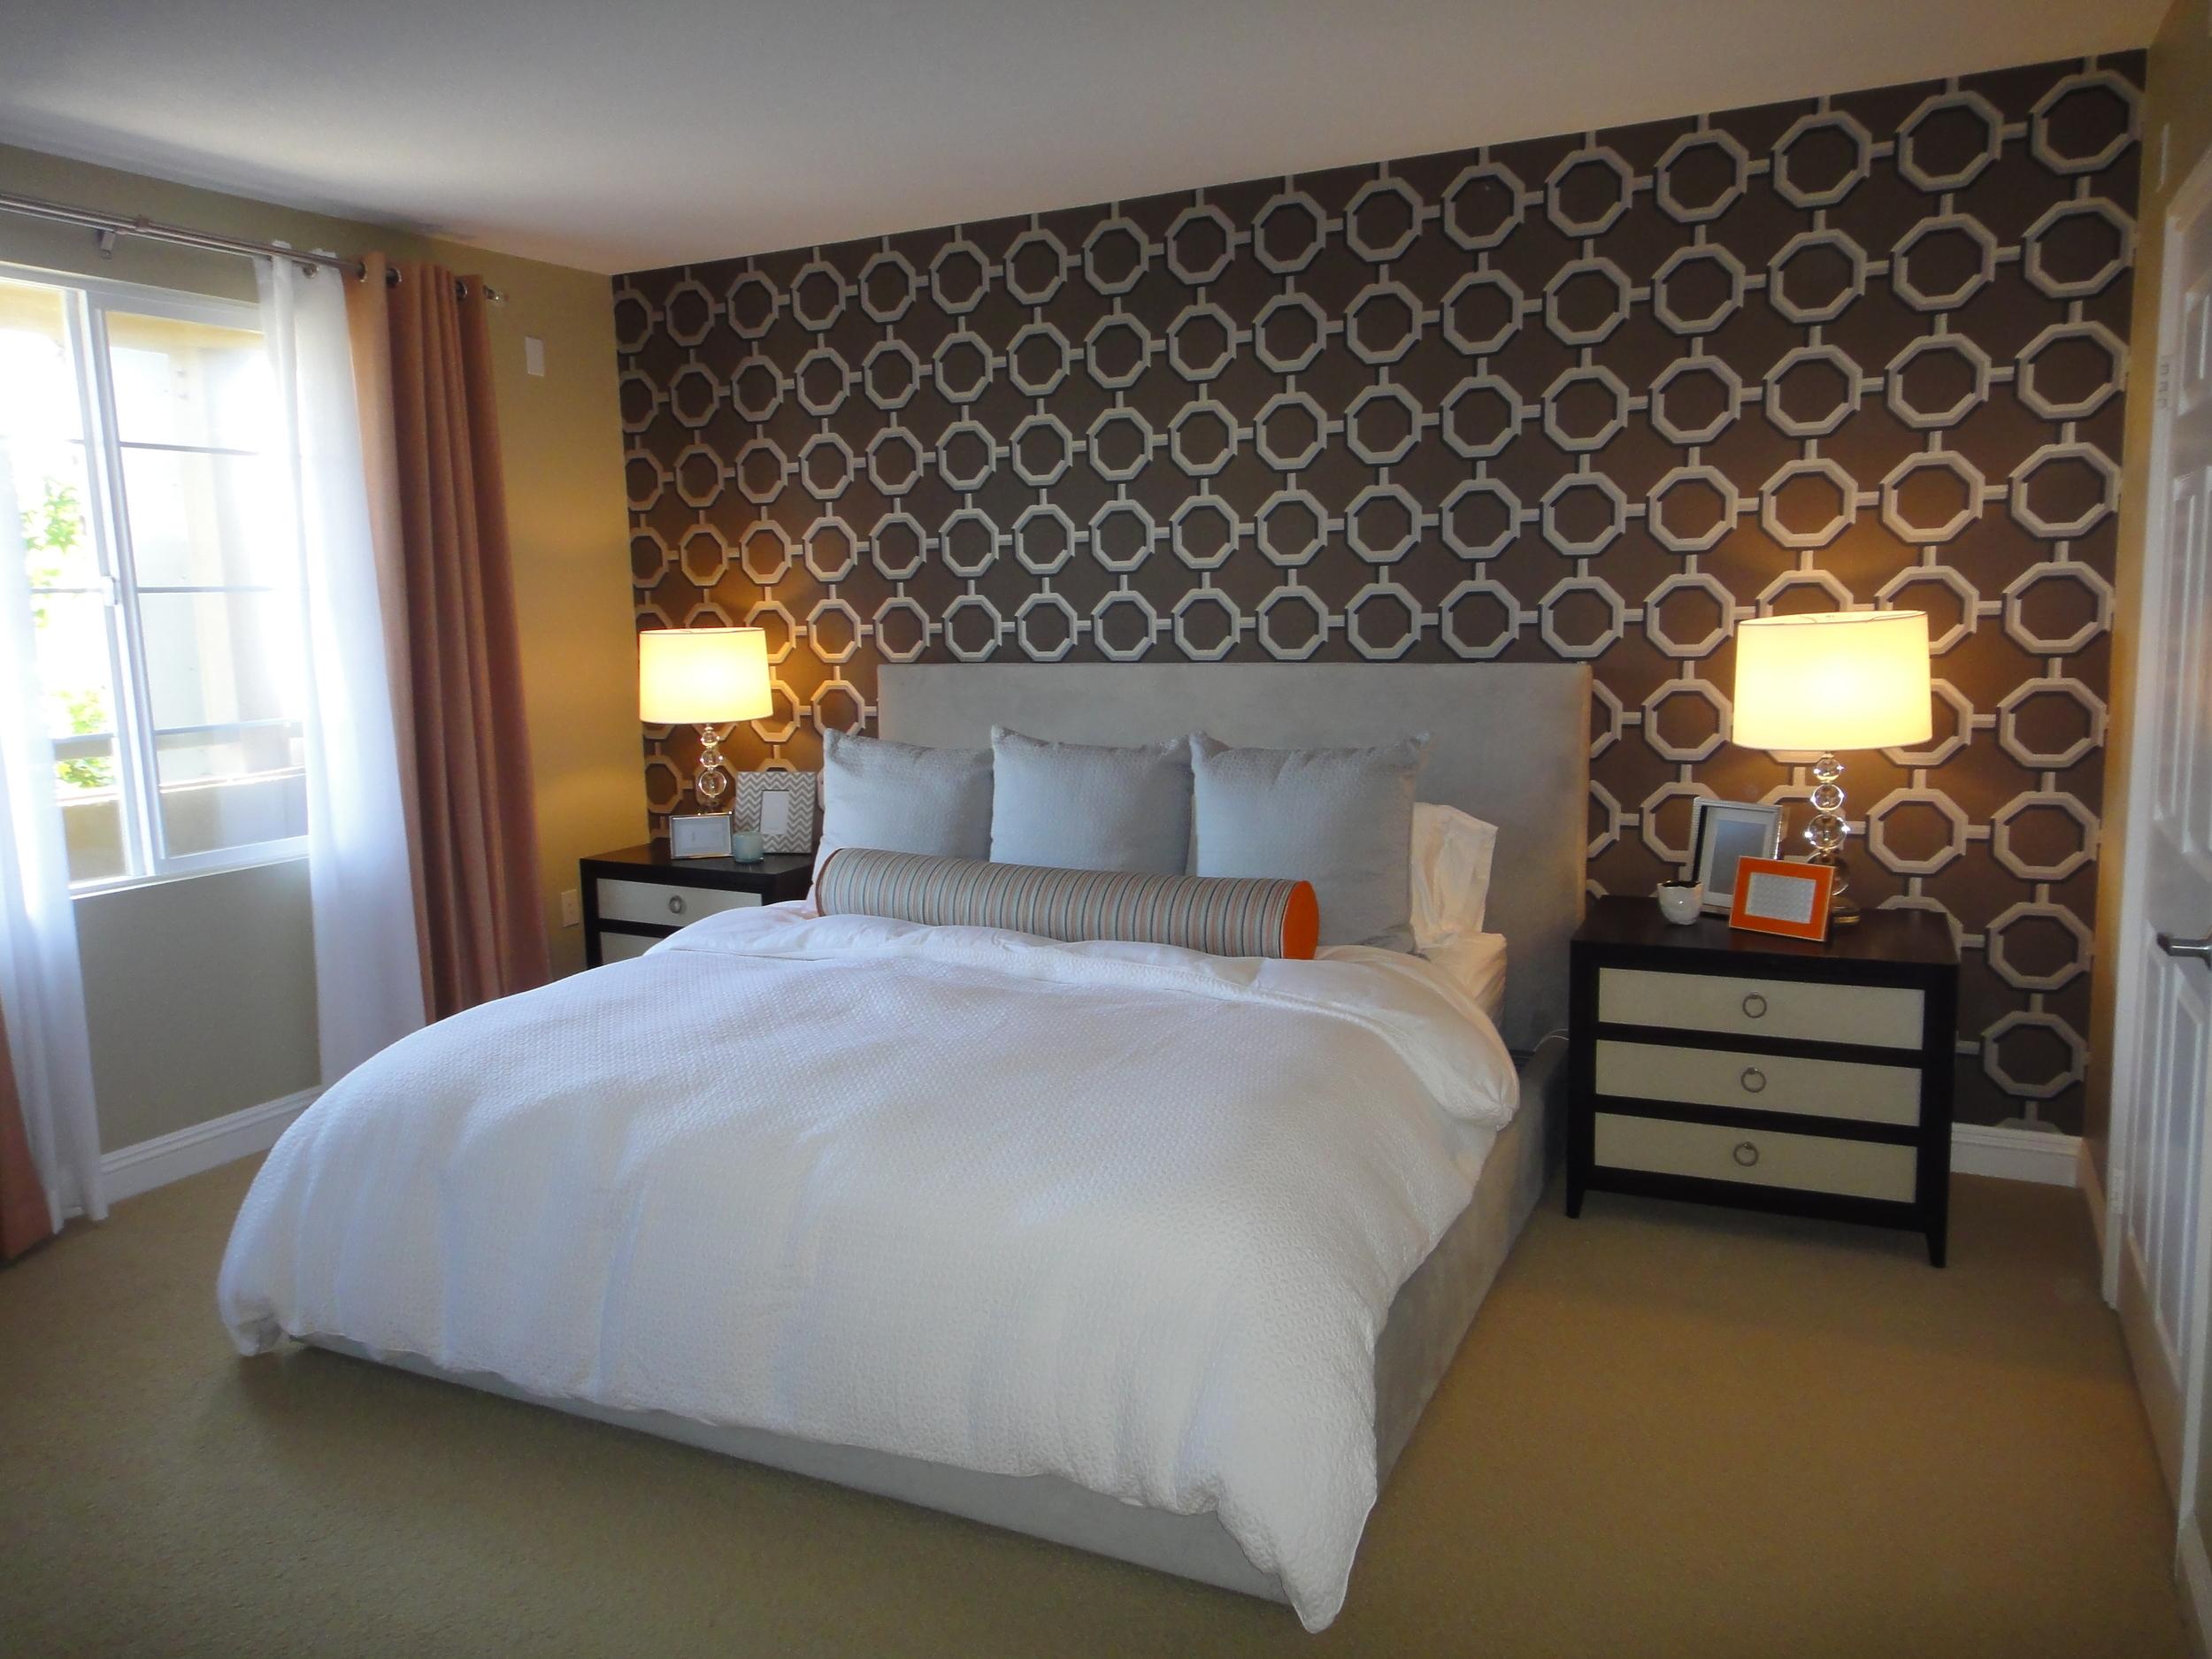 bed & window - 2.JPG